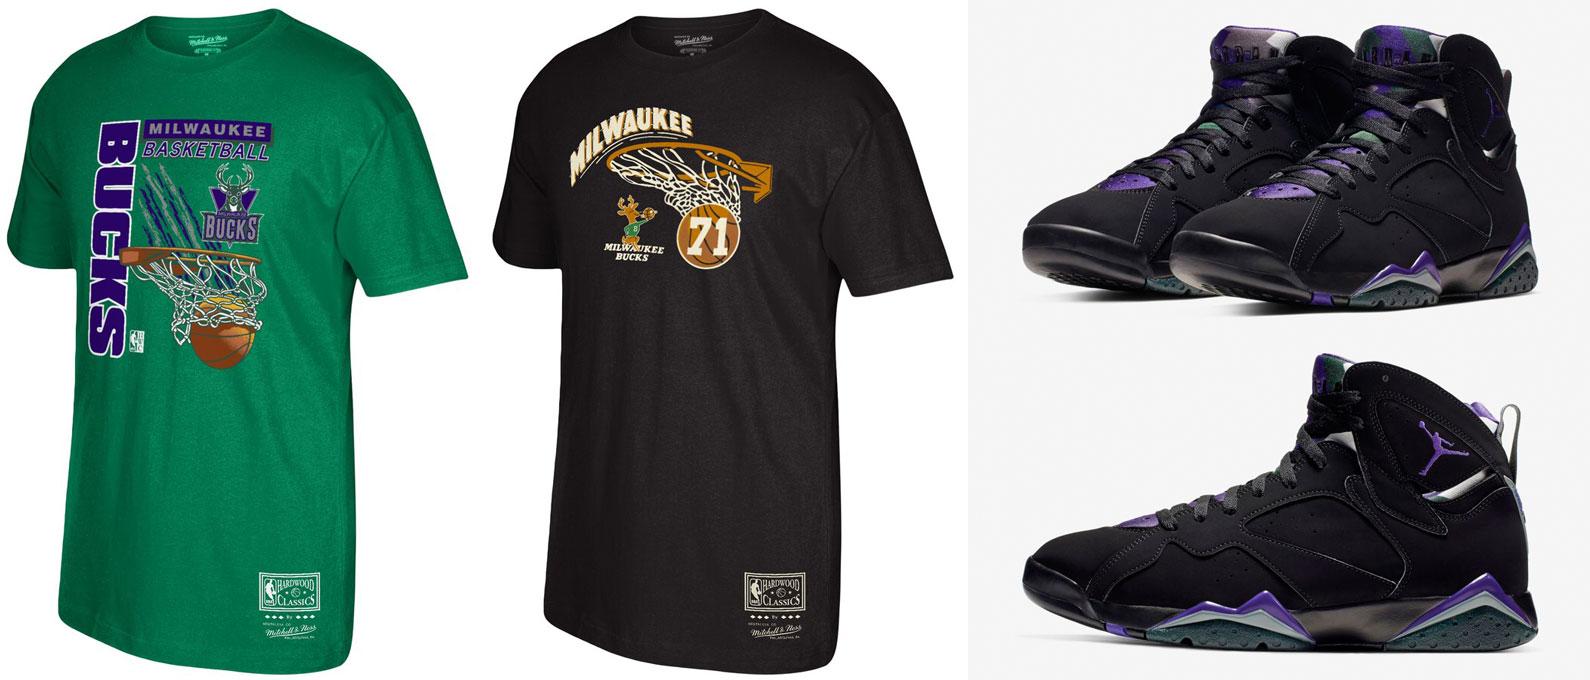 jordan-7-ray-allen-bucks-sneaker-match-tees-shirts